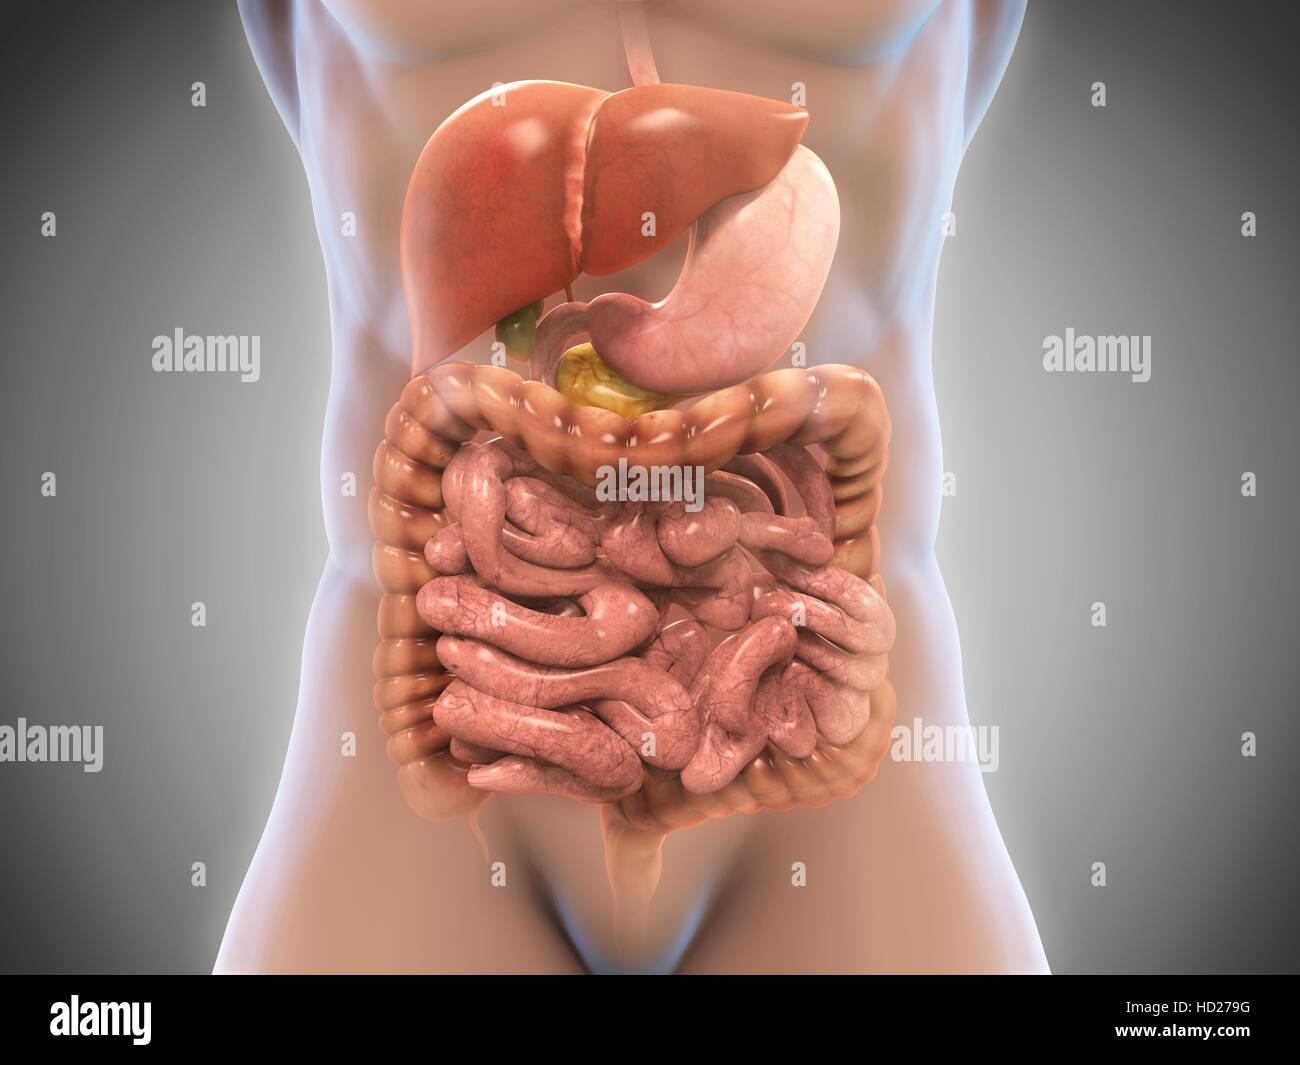 El sistema digestivo humano Foto & Imagen De Stock: 128512764 - Alamy